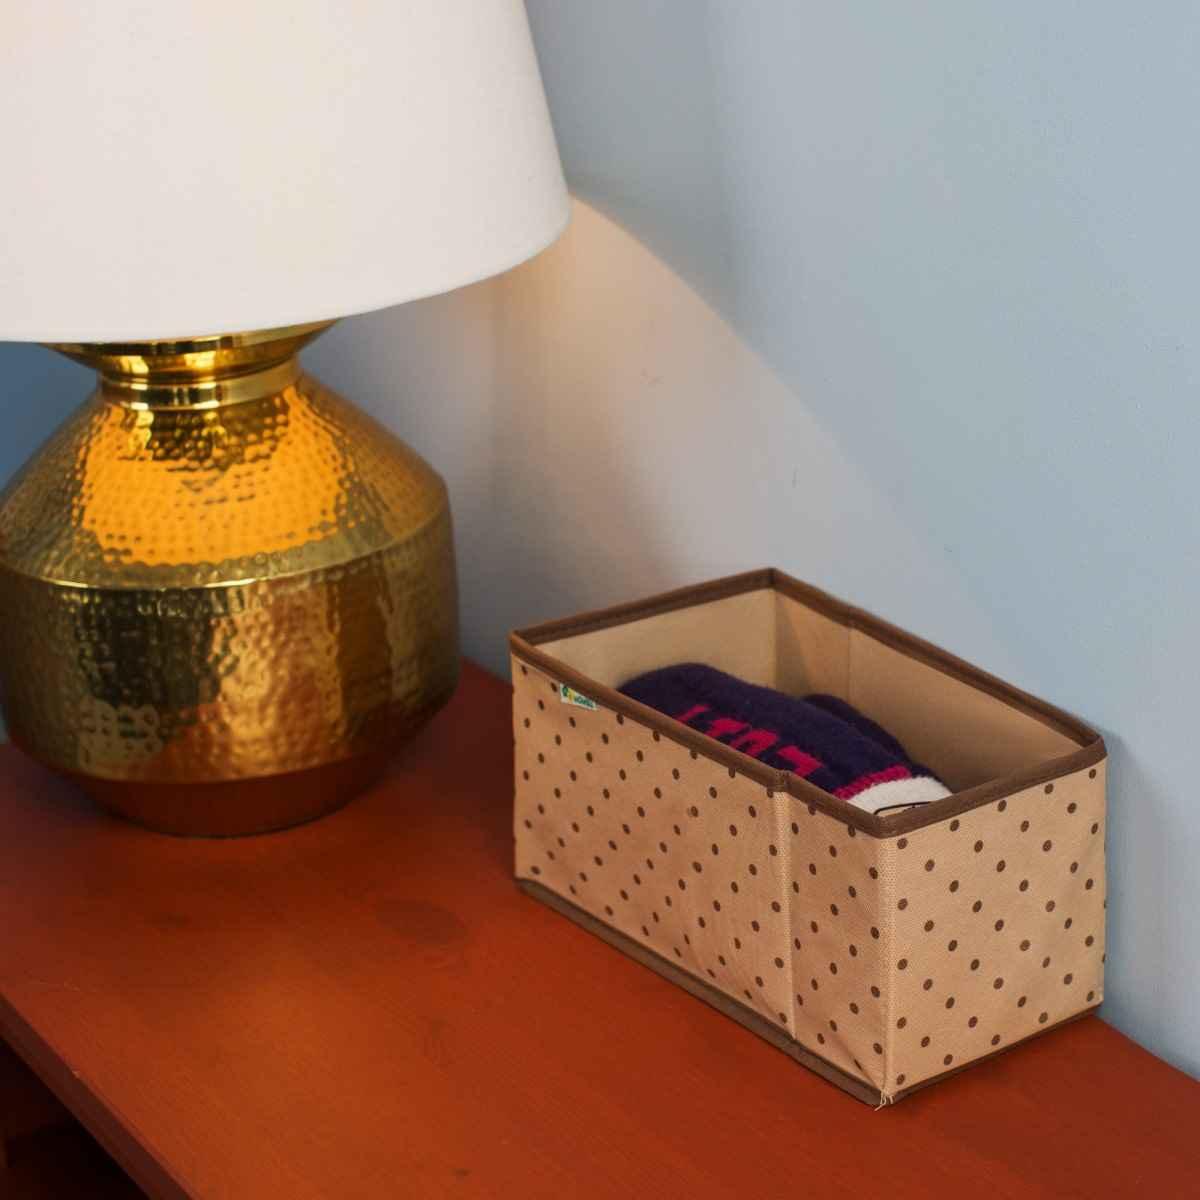 le décor de la boîte dans le couloir